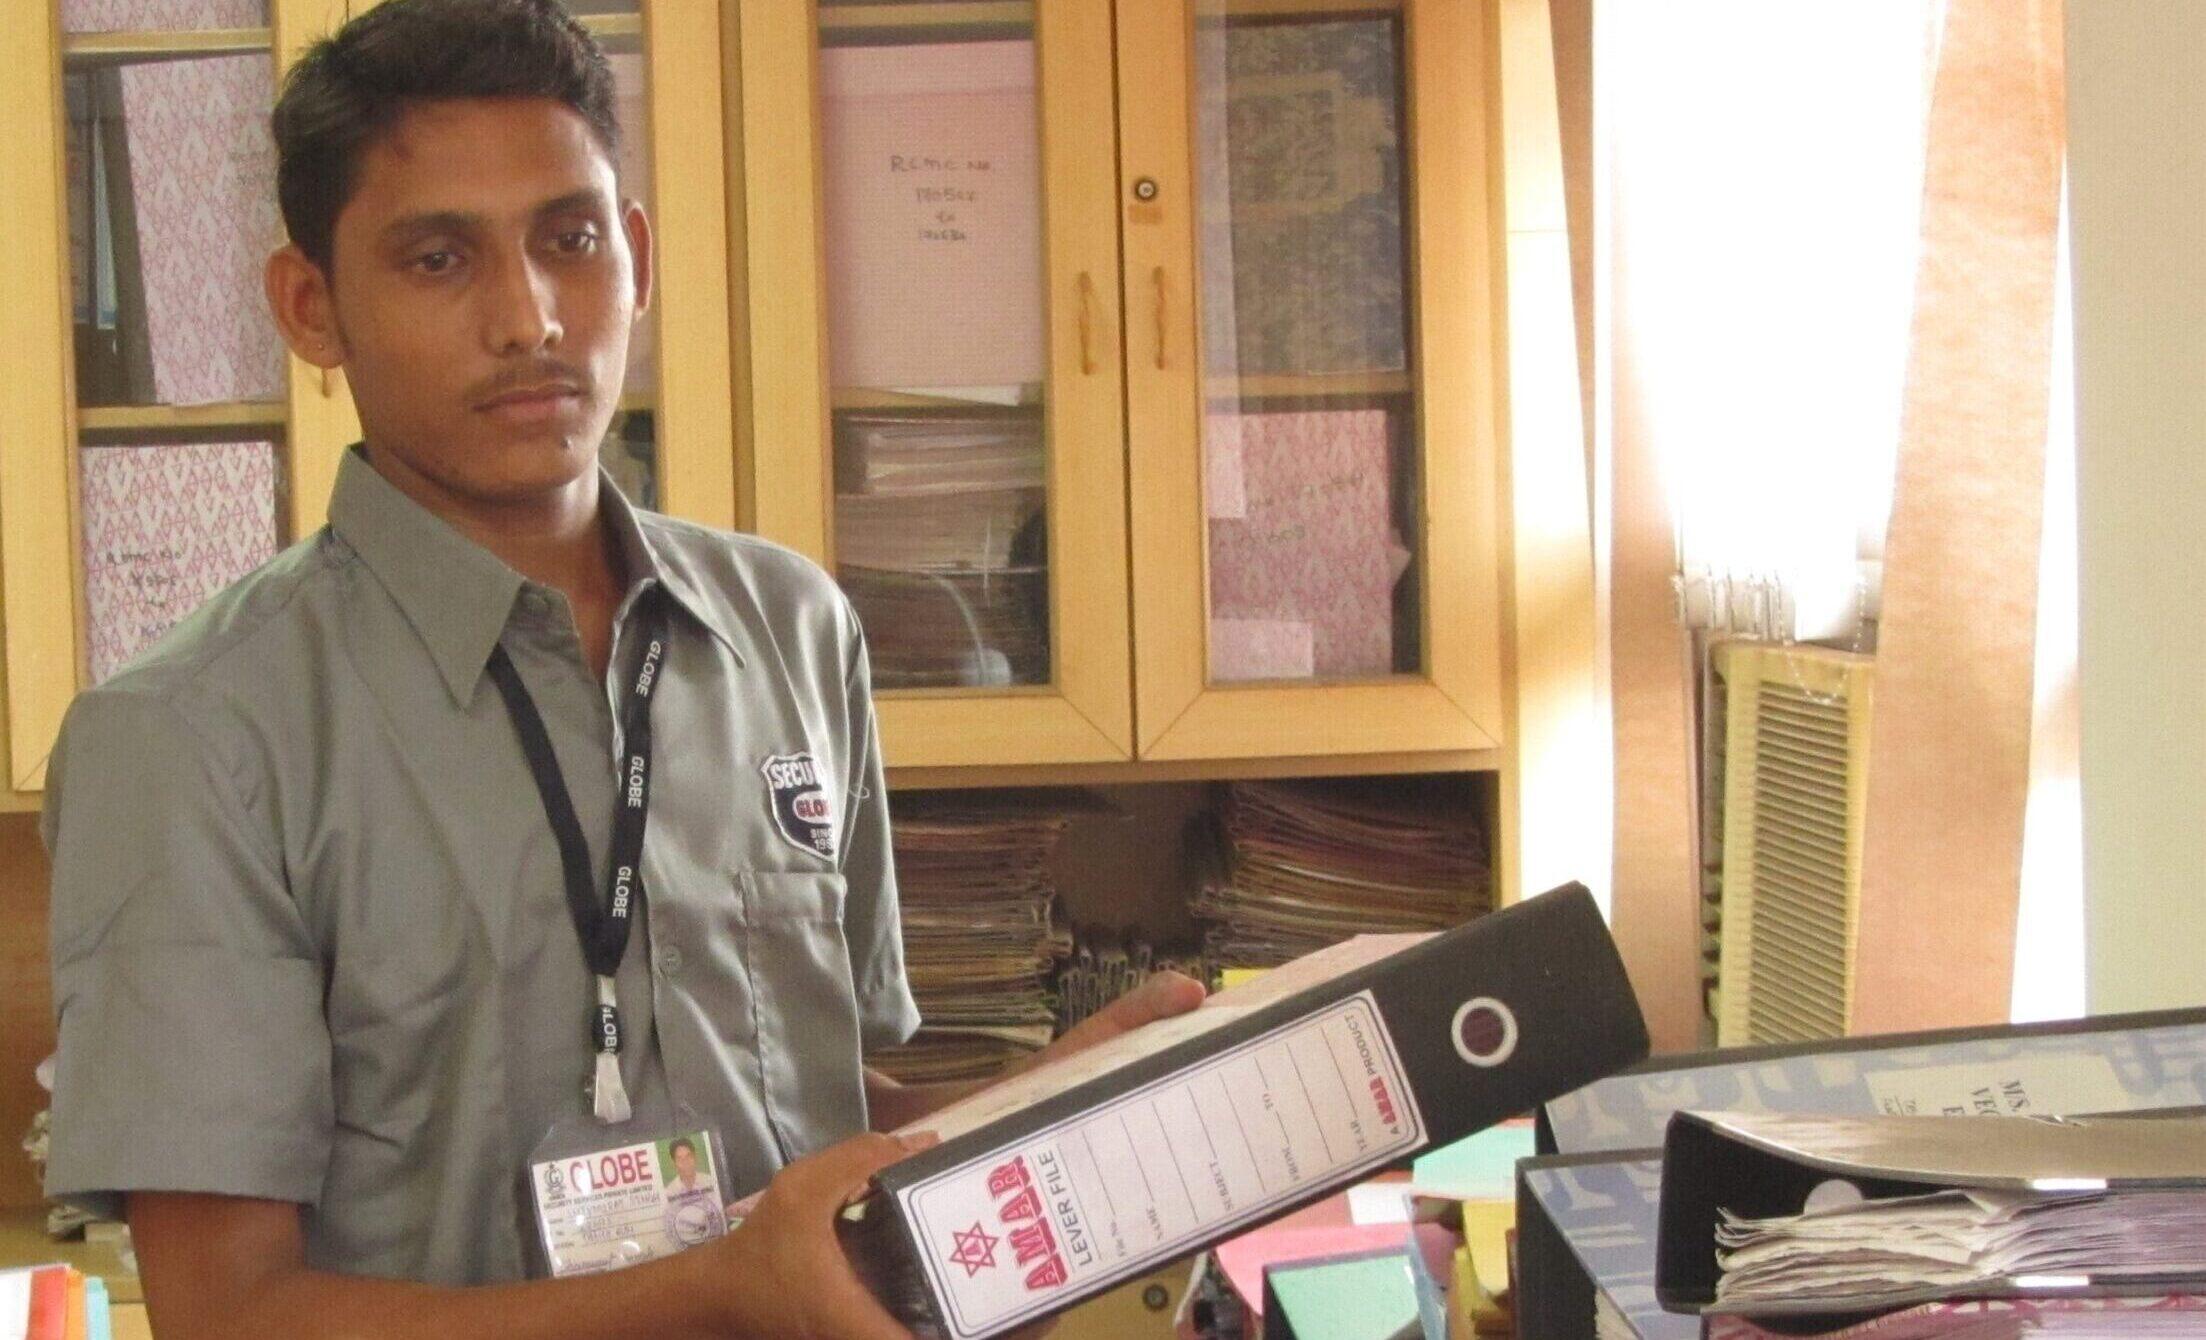 Office Boy in Mumbai handling files